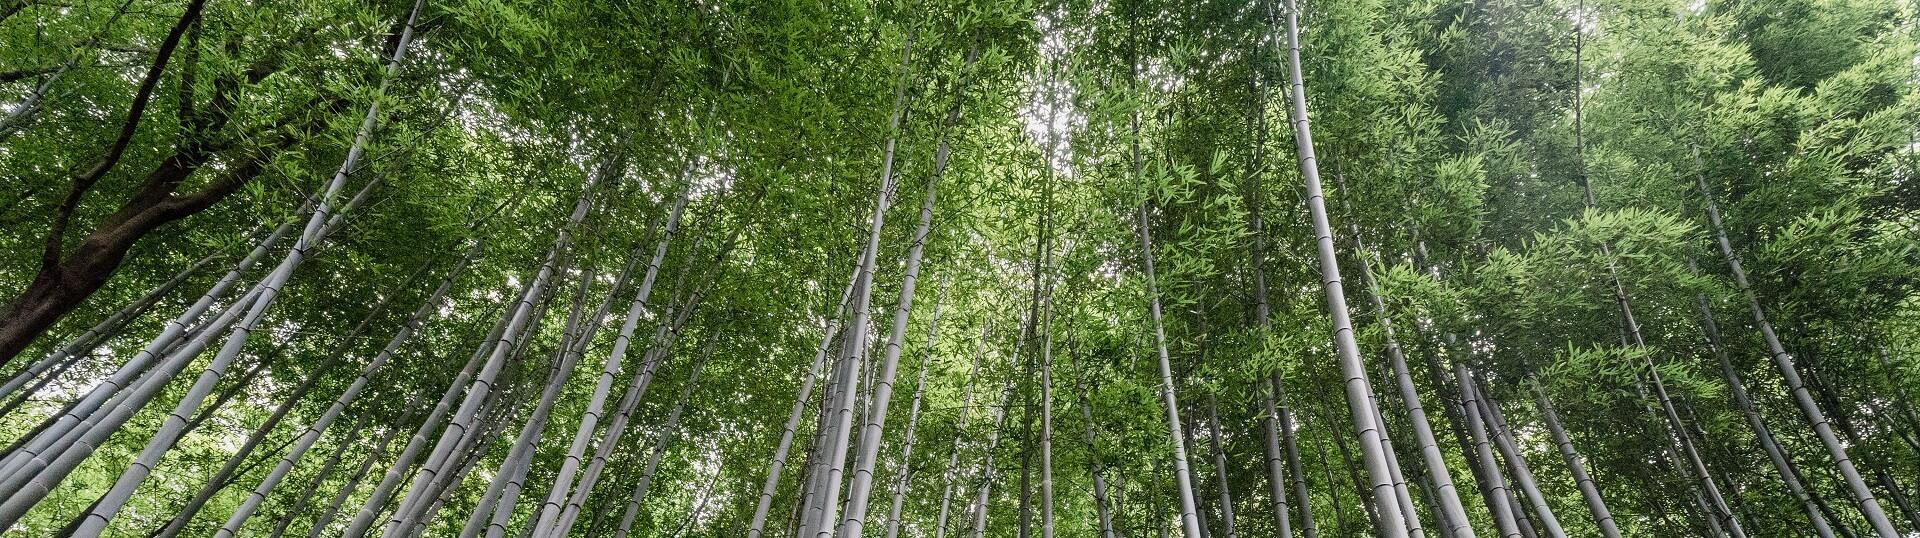 Dünger für schneller wachsenden Bambus